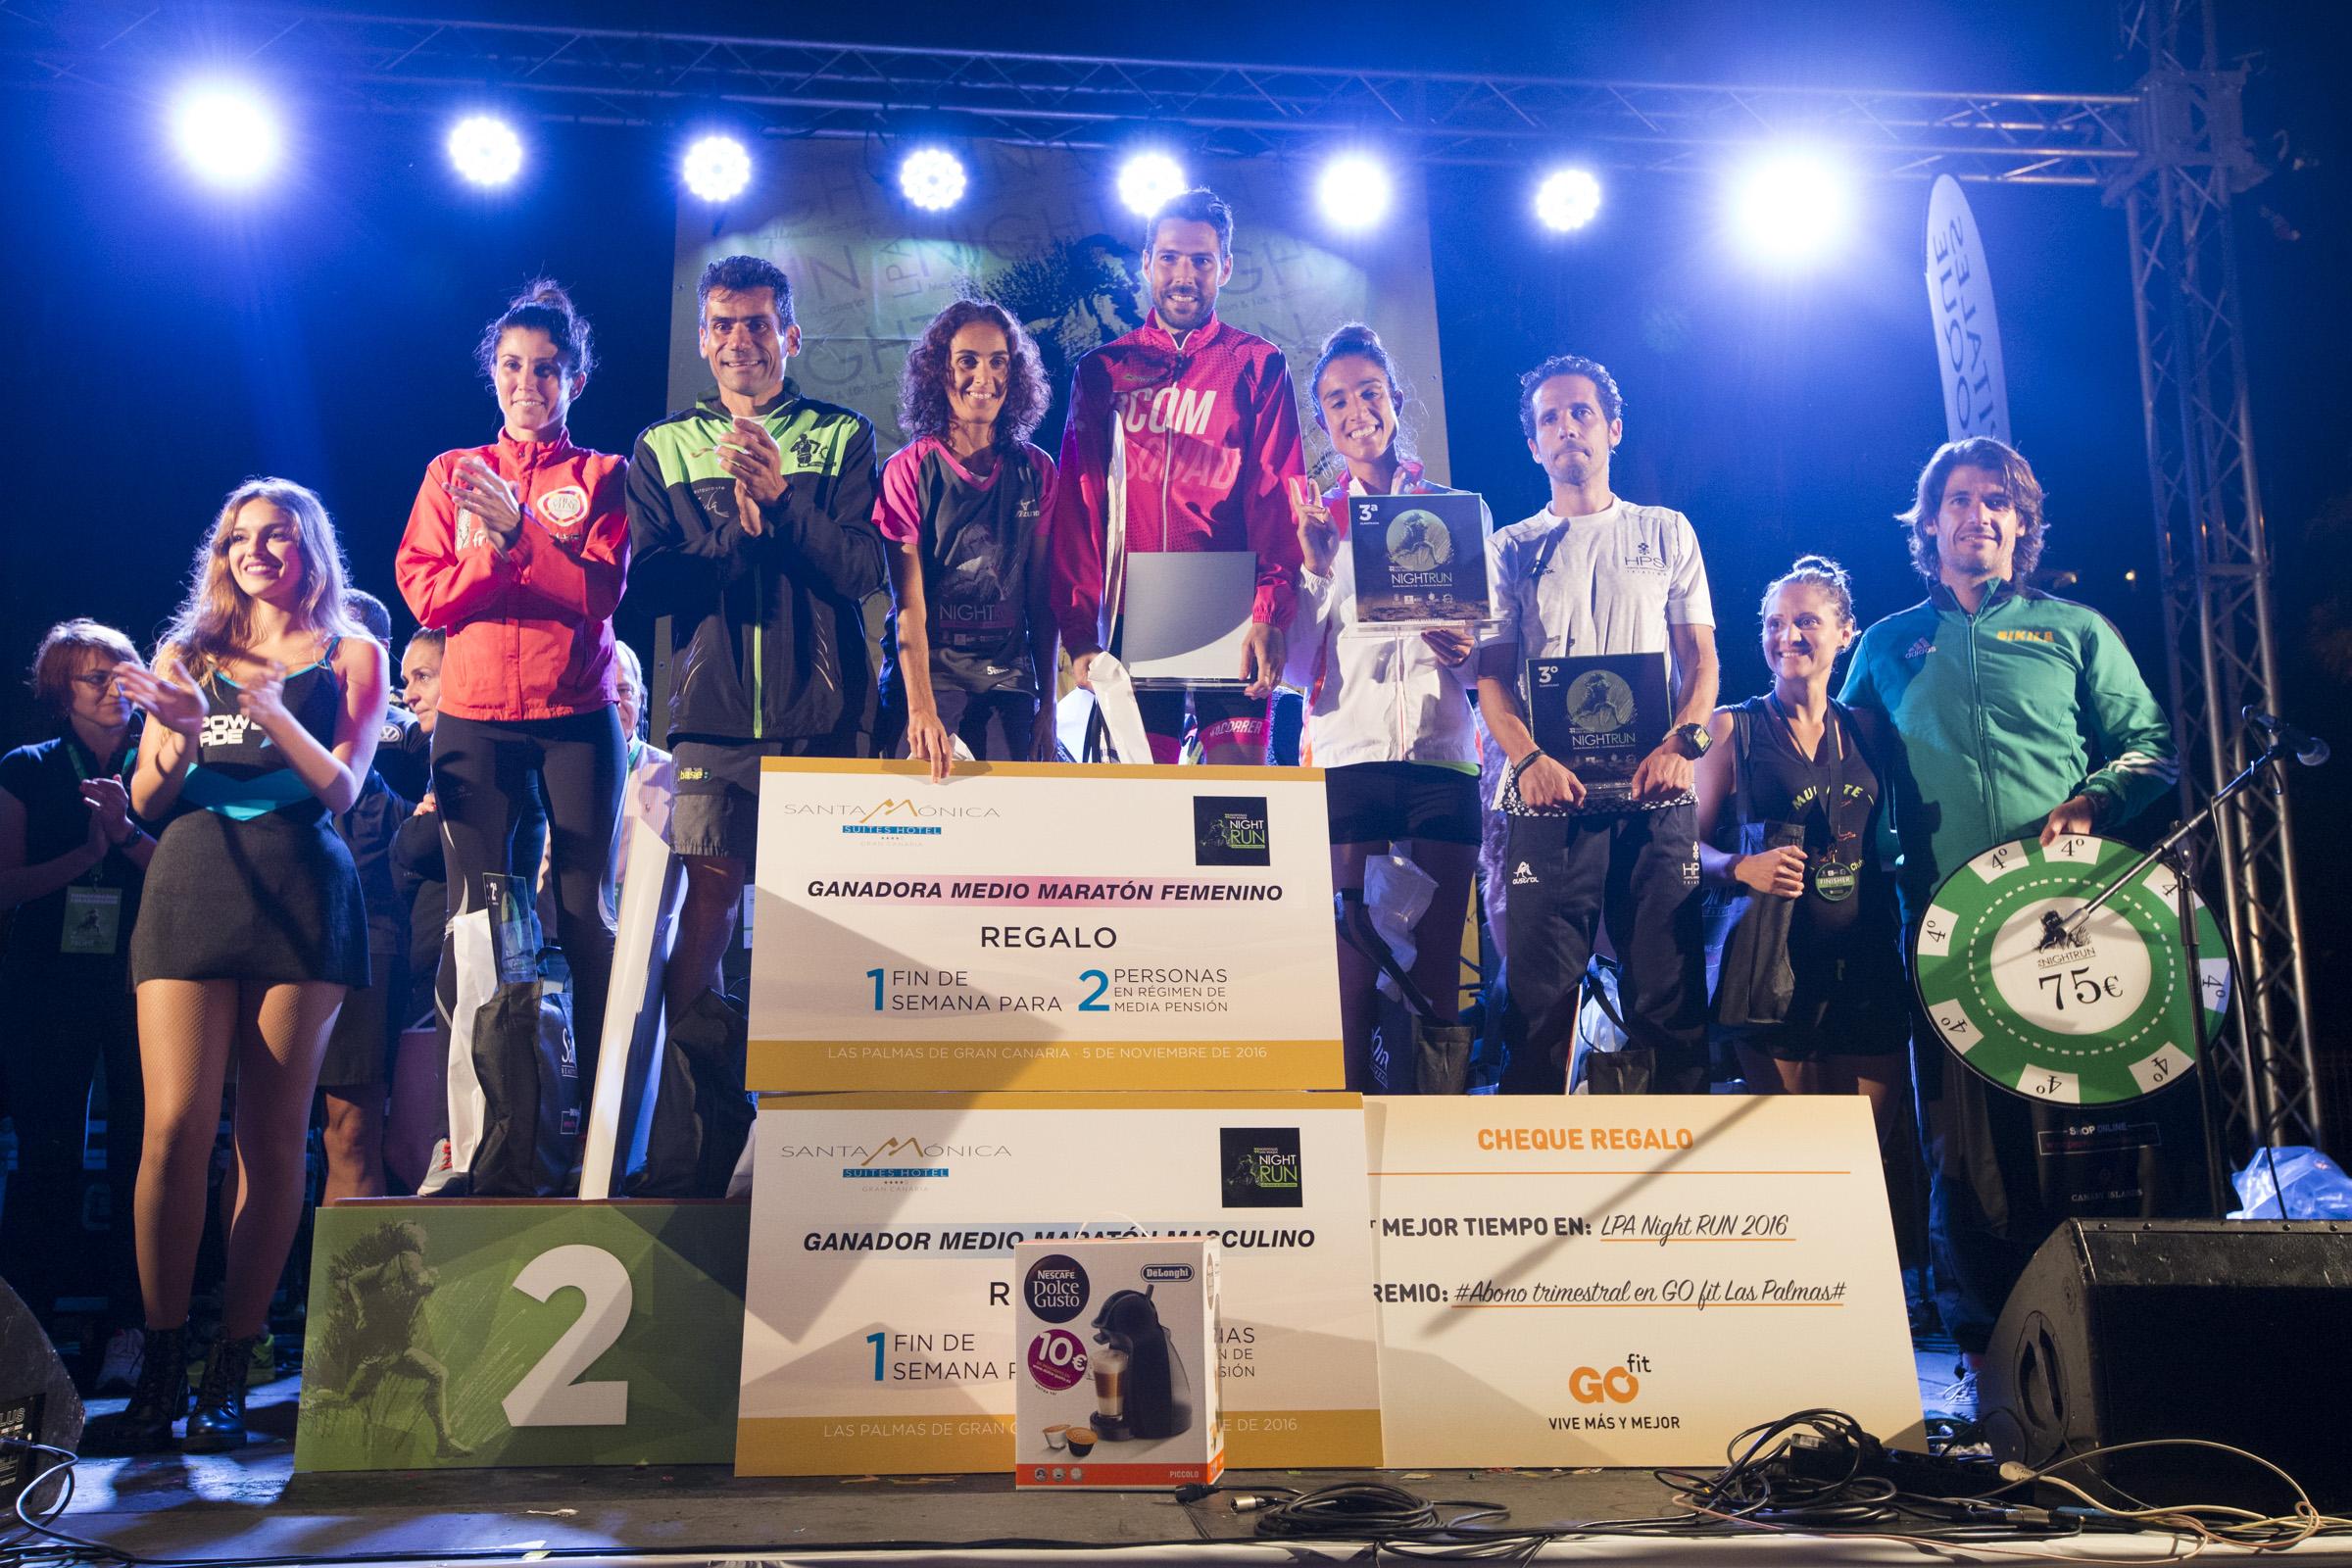 ganadores-hrs-night-run1